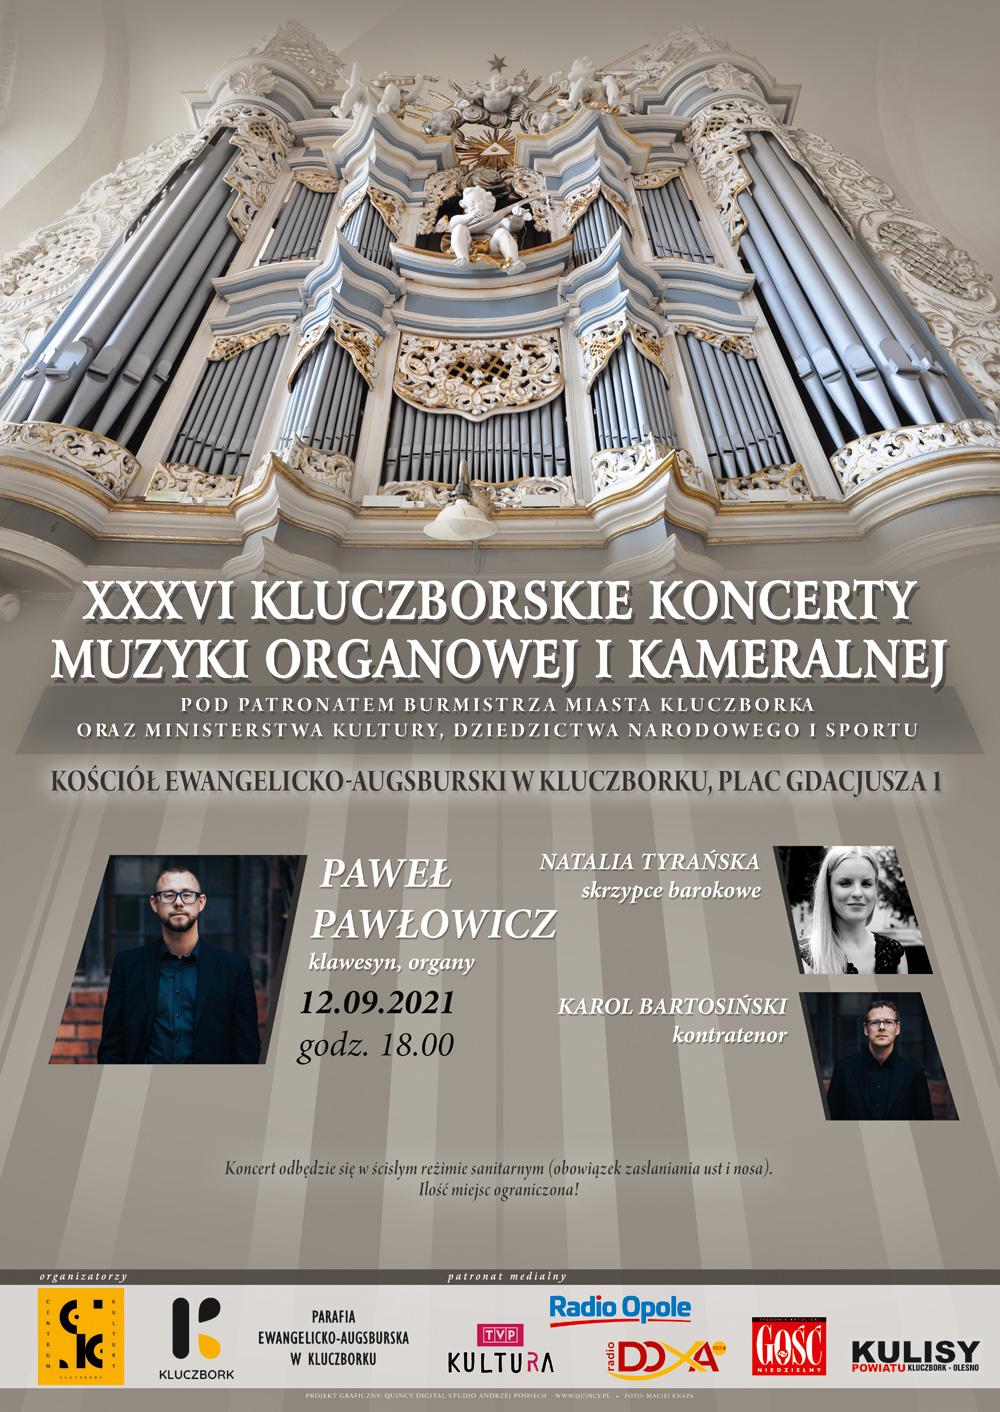 Plakat promujący koncert Pawła Pawłowicza (12.09.2021)